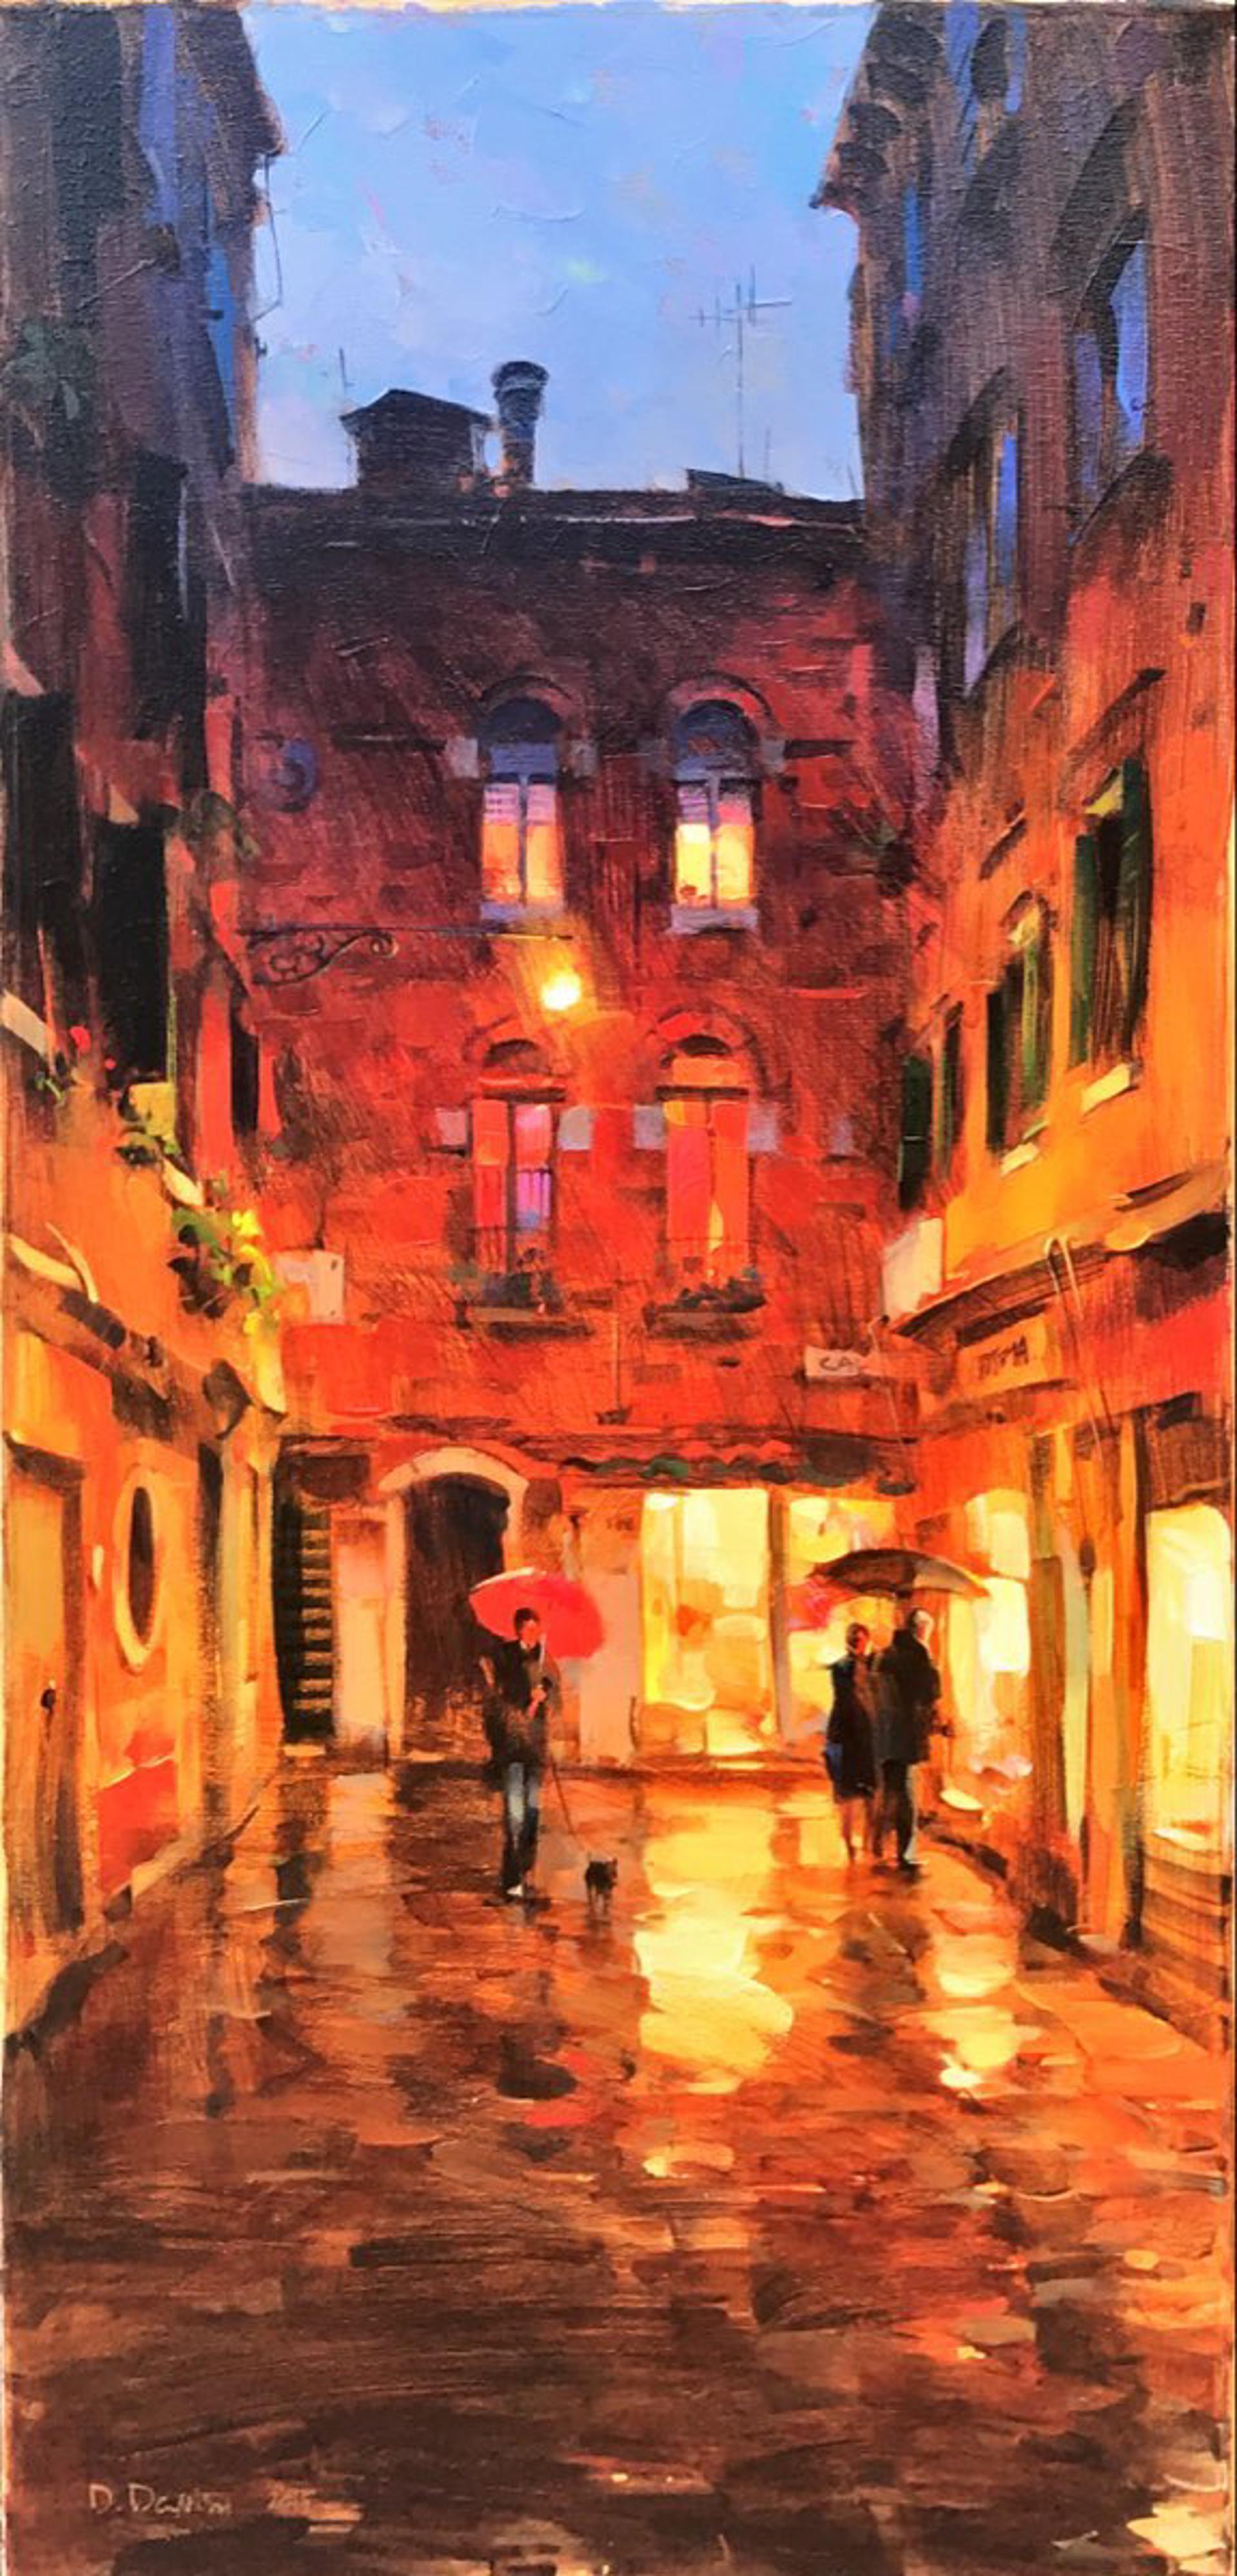 November Venice by Dmitri Danish